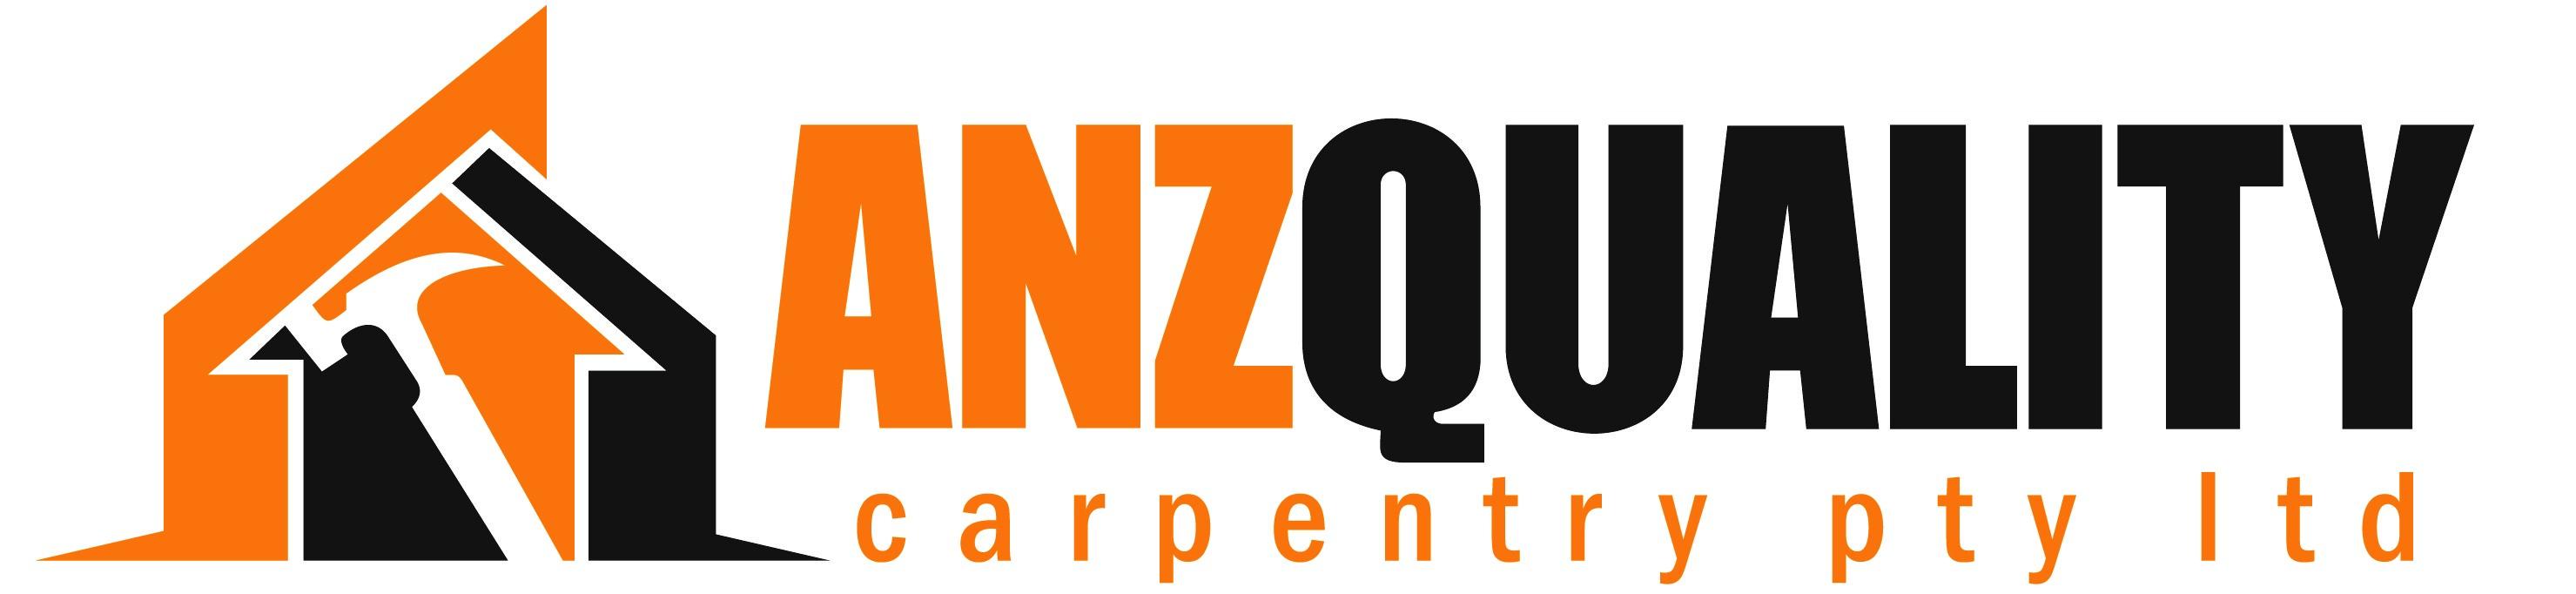 Anz quality carpentry logo 2017